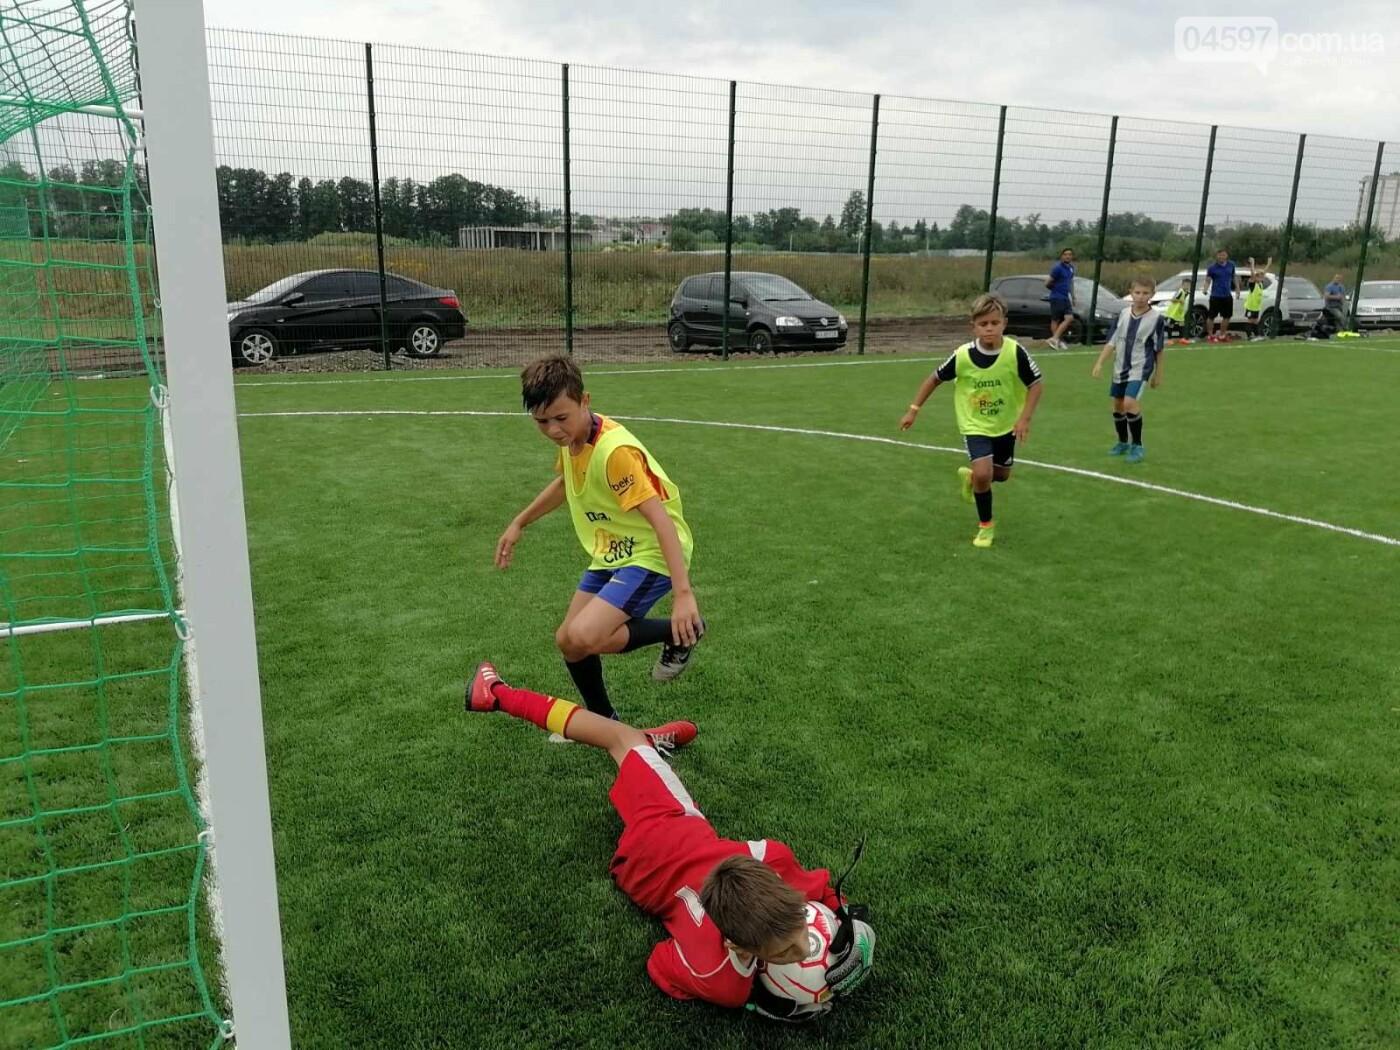 Спочатку діти: на новому полі в Ірпені пройшов чемпіонат з футболу, фото-1